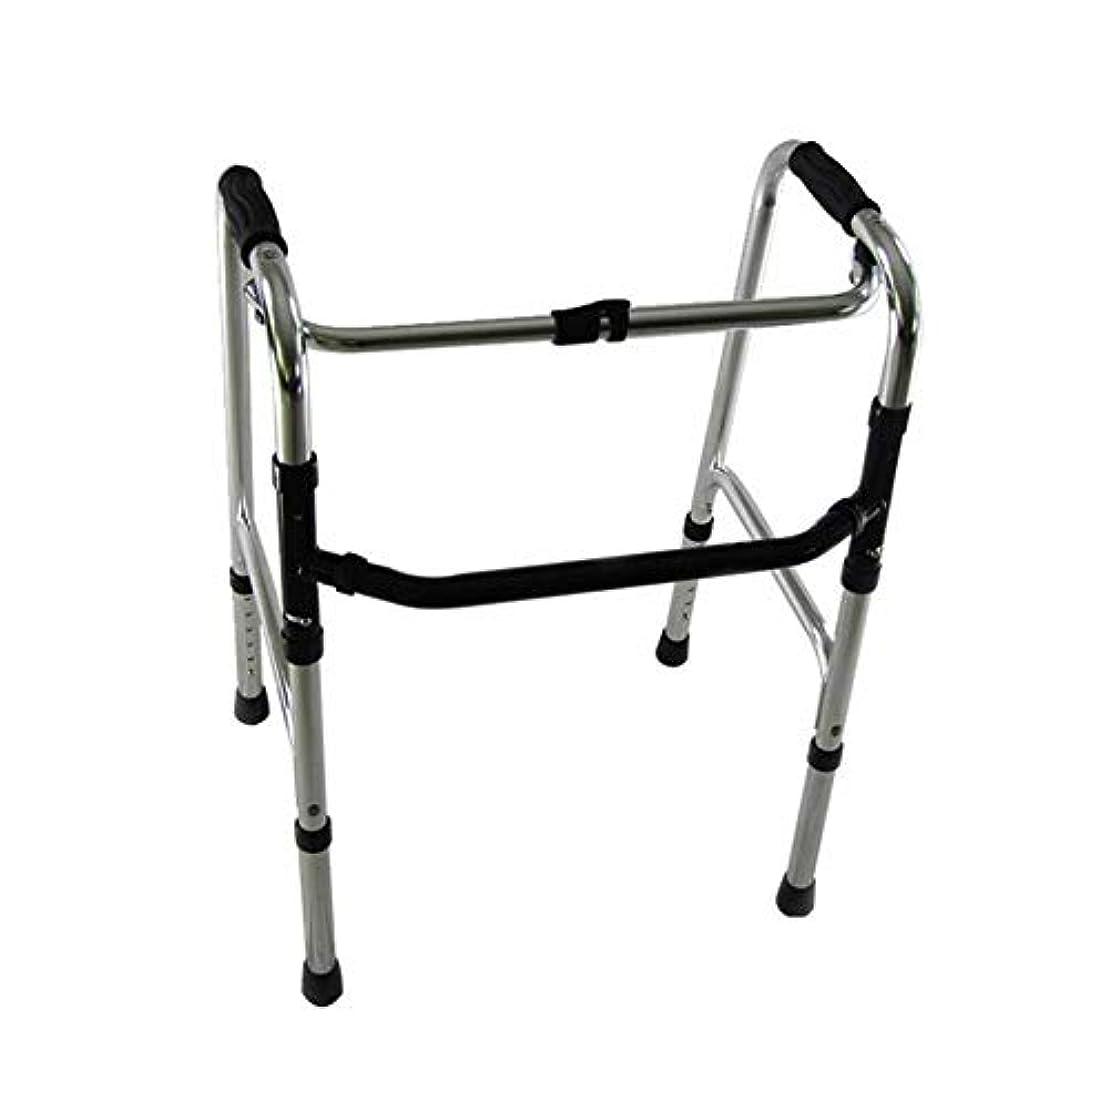 剃るシリアル死ぬ高齢者の障害者支援のために調整可能な軽量歩行フレーム折りたたみアルミニウムの高さ